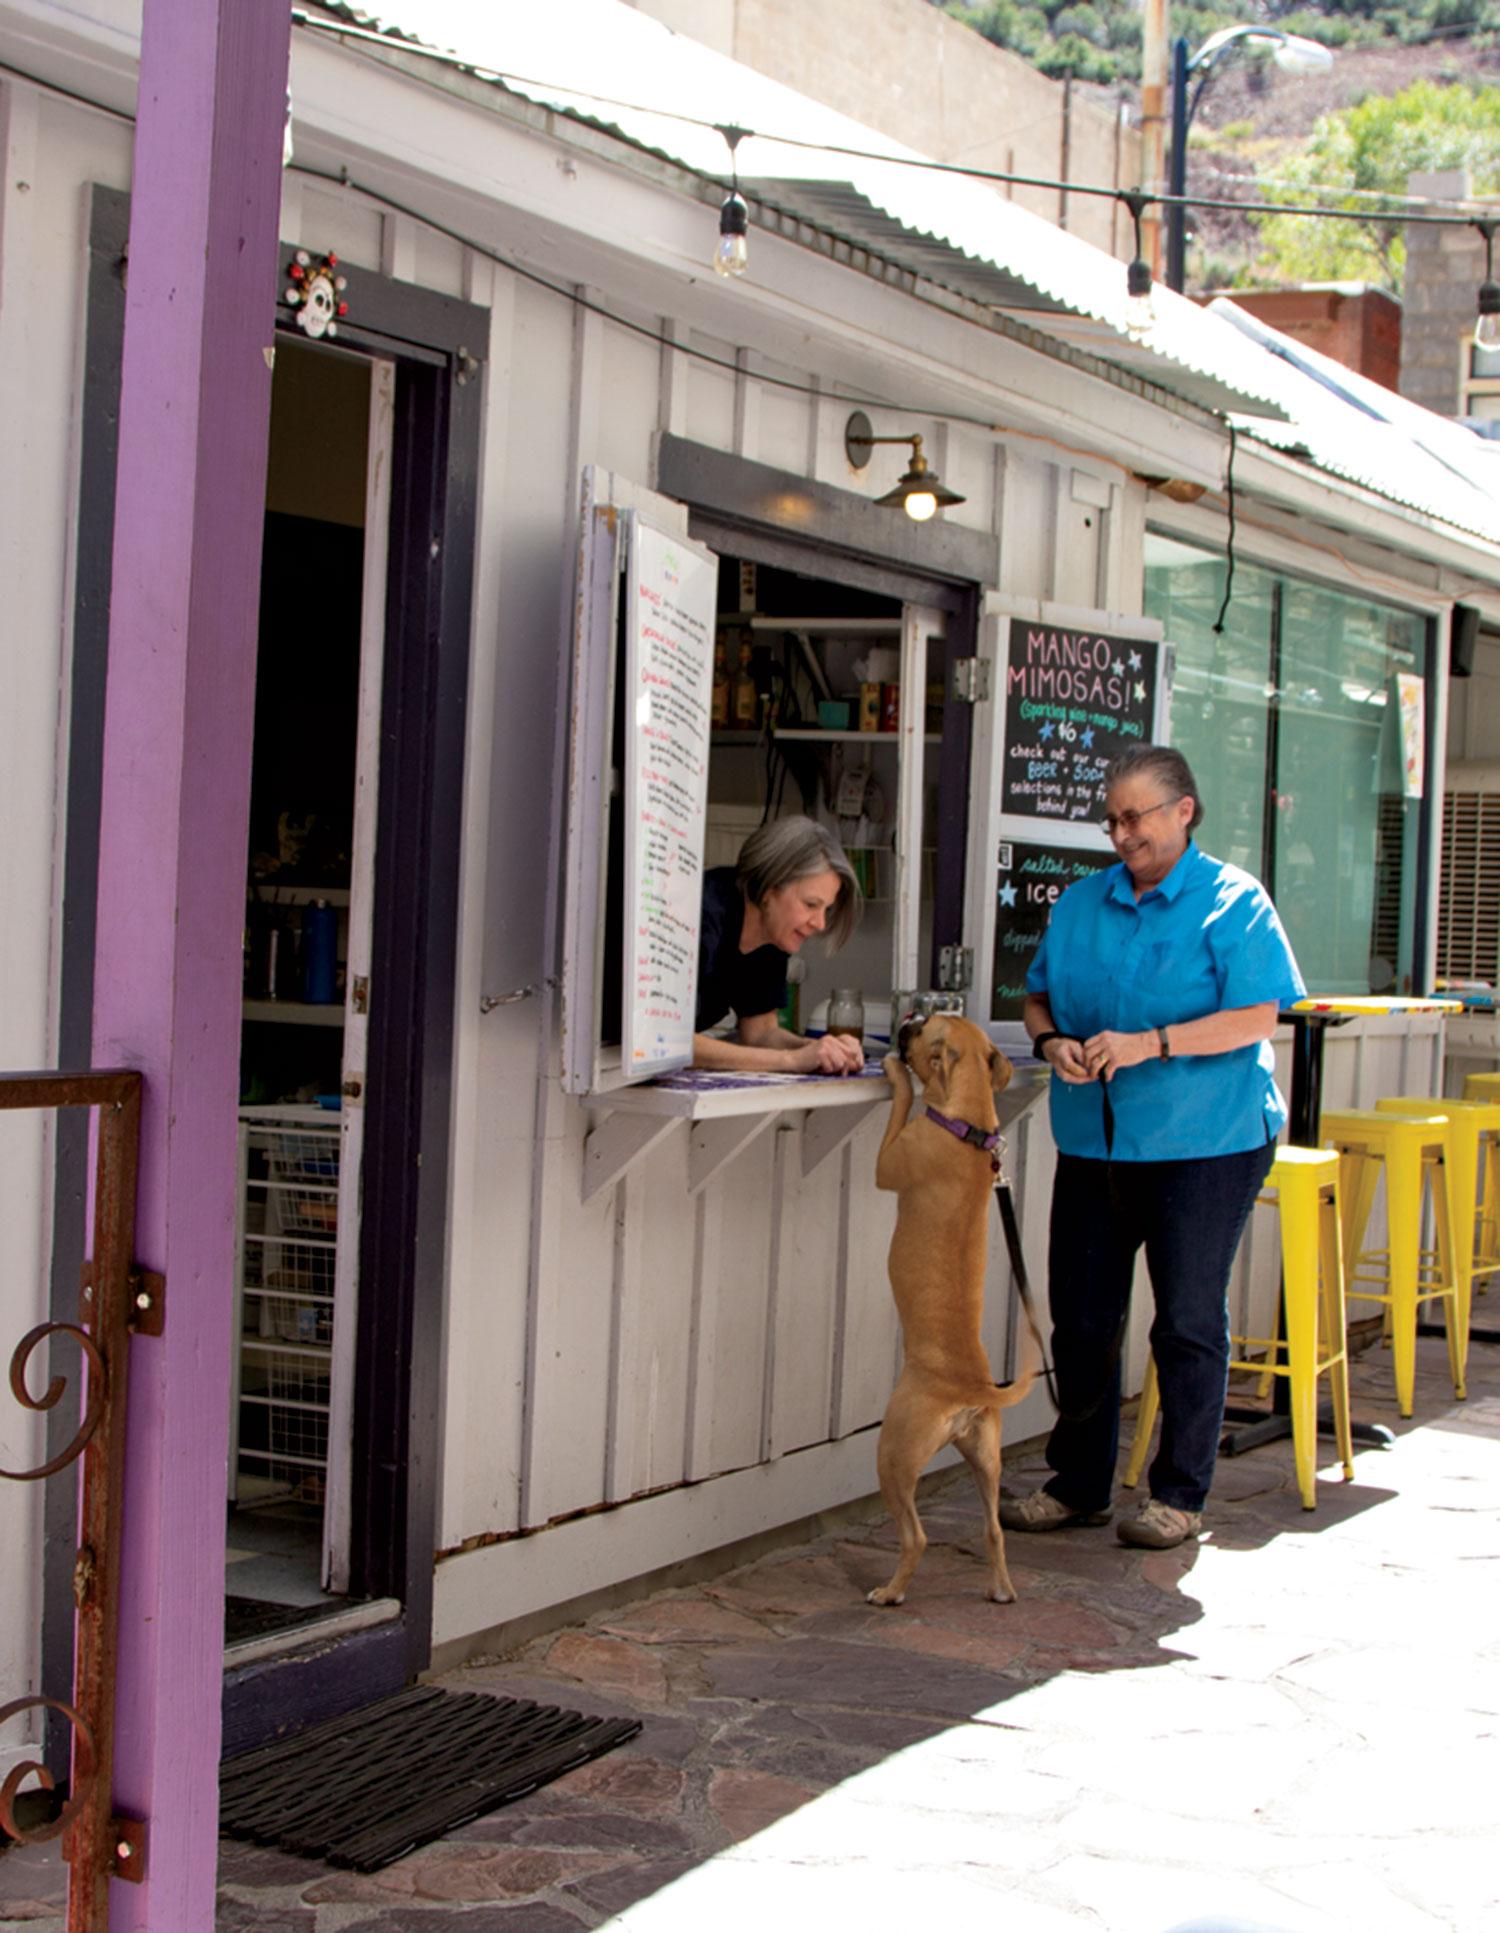 Roxy ordering from Poco; photo by Christianna Silva